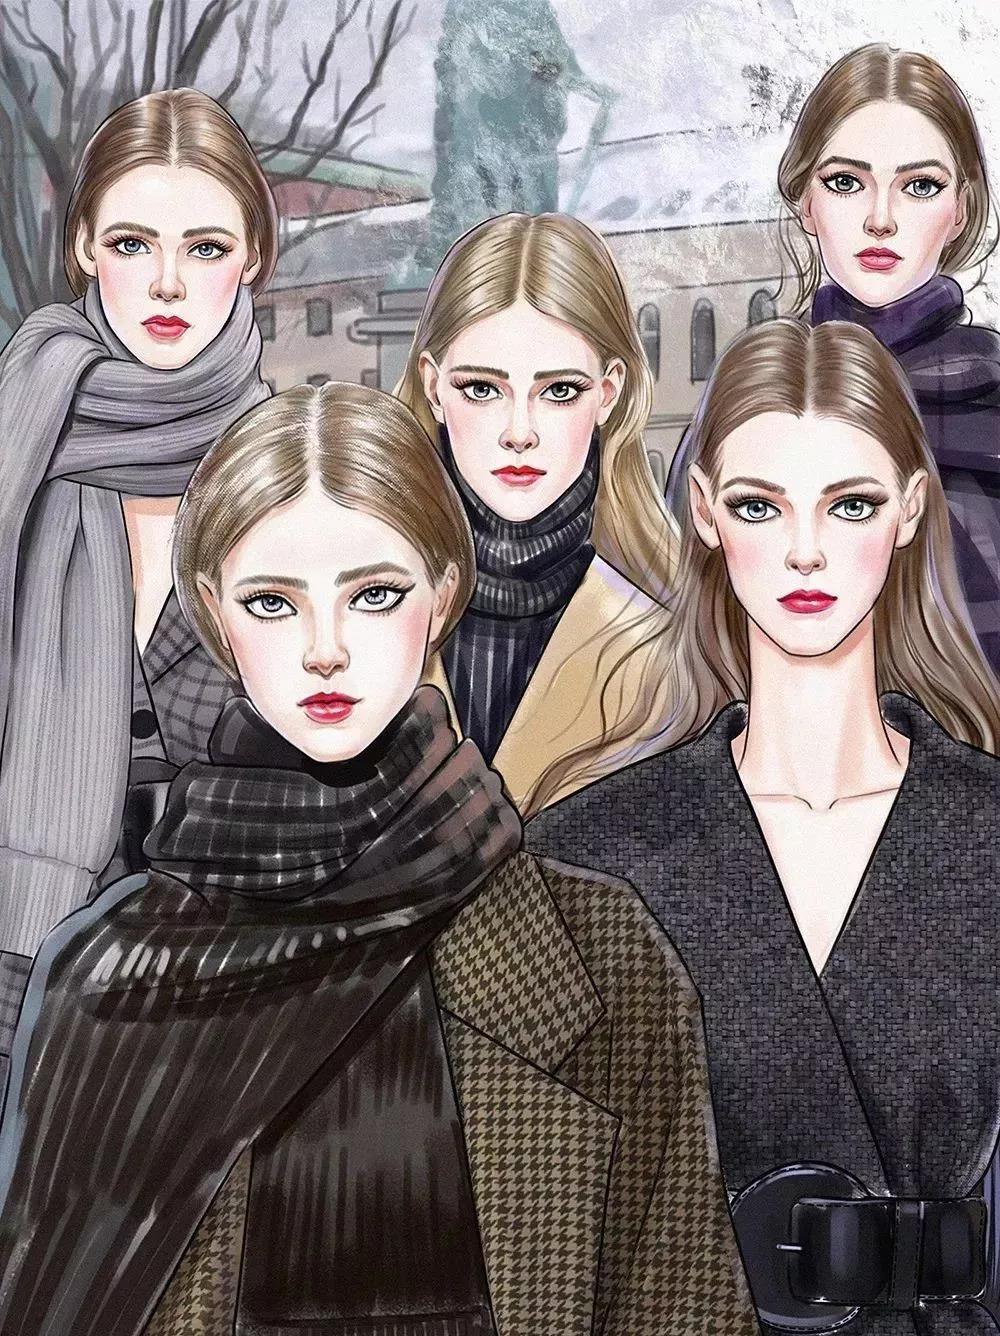 服装设计手绘三种风格的时装手绘图